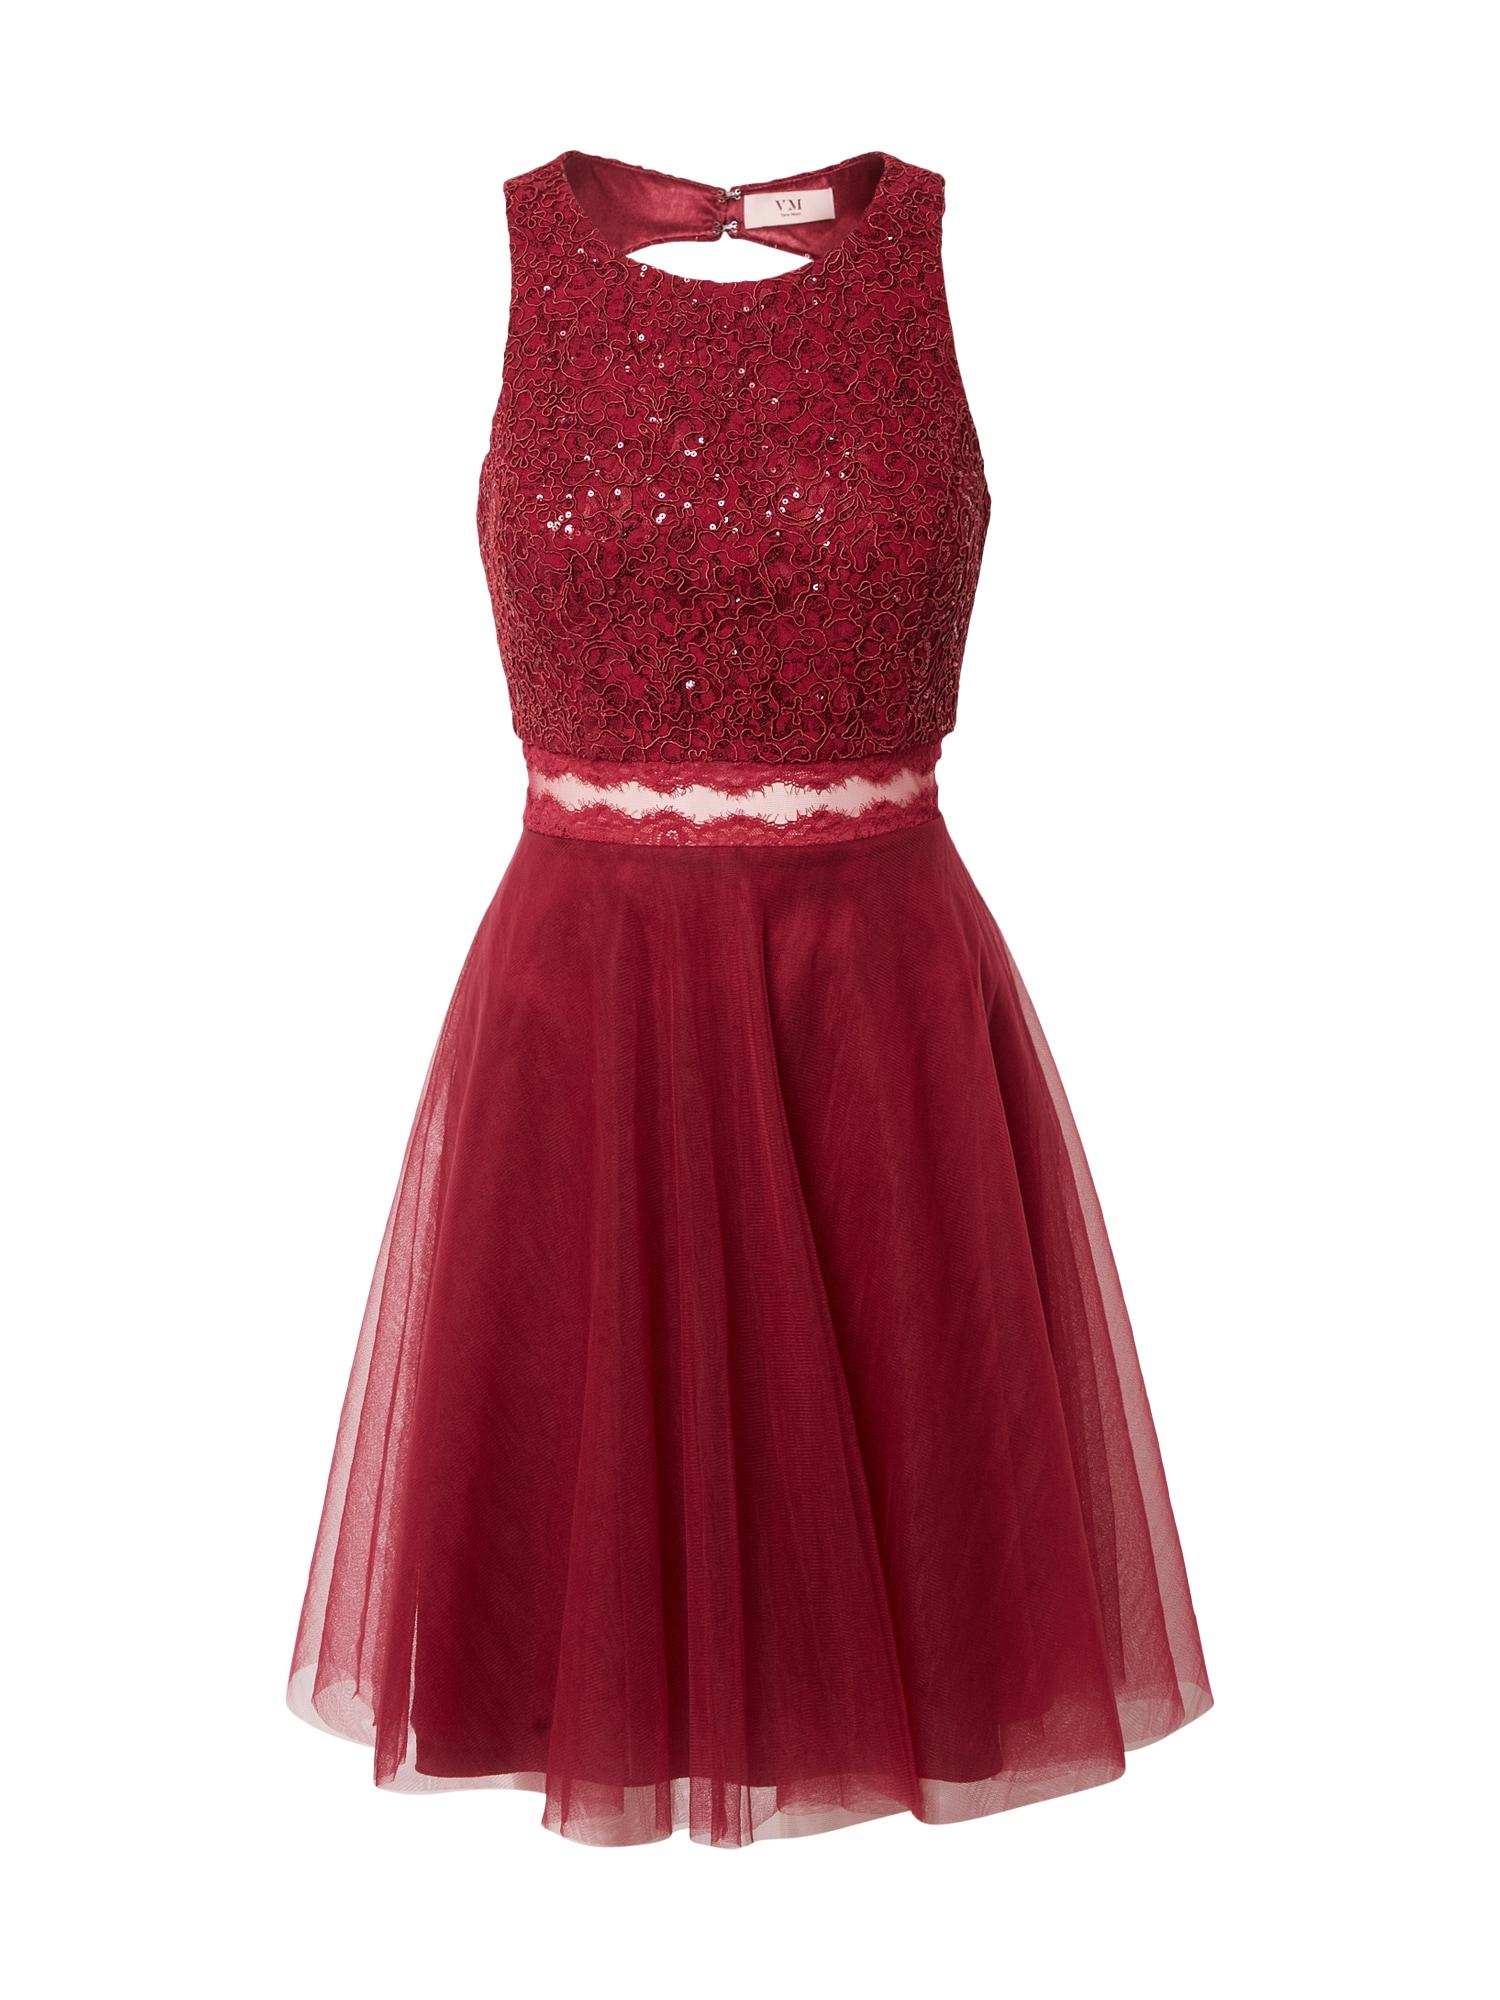 VM Vera Mont Kokteilinė suknelė vyno raudona spalva